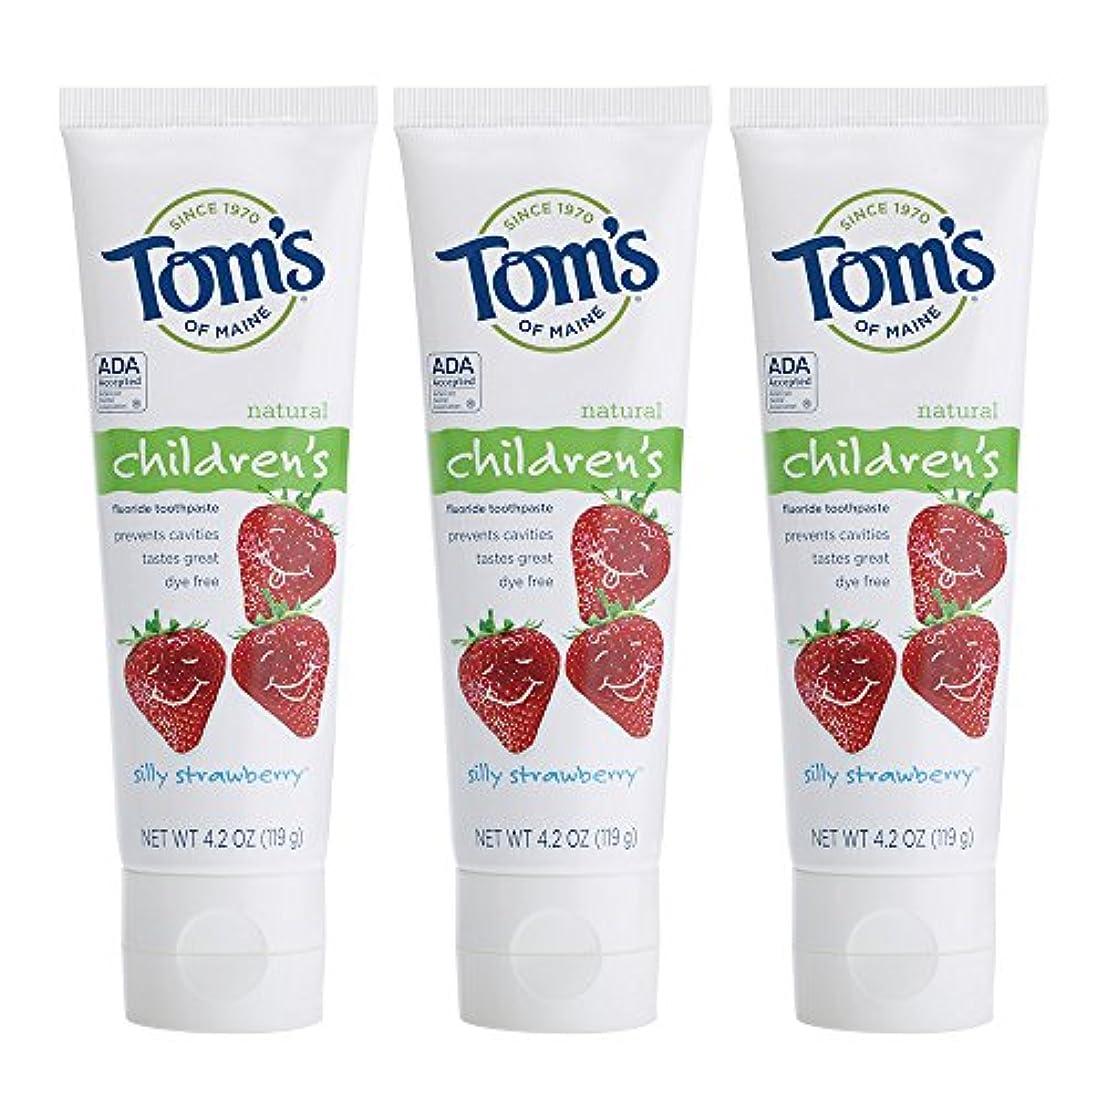 ウェブトリップ気づくなるTom's of Maine, Natural Children's Fluoride Toothpaste, Silly Strawberry, 4.2 oz (119 g)